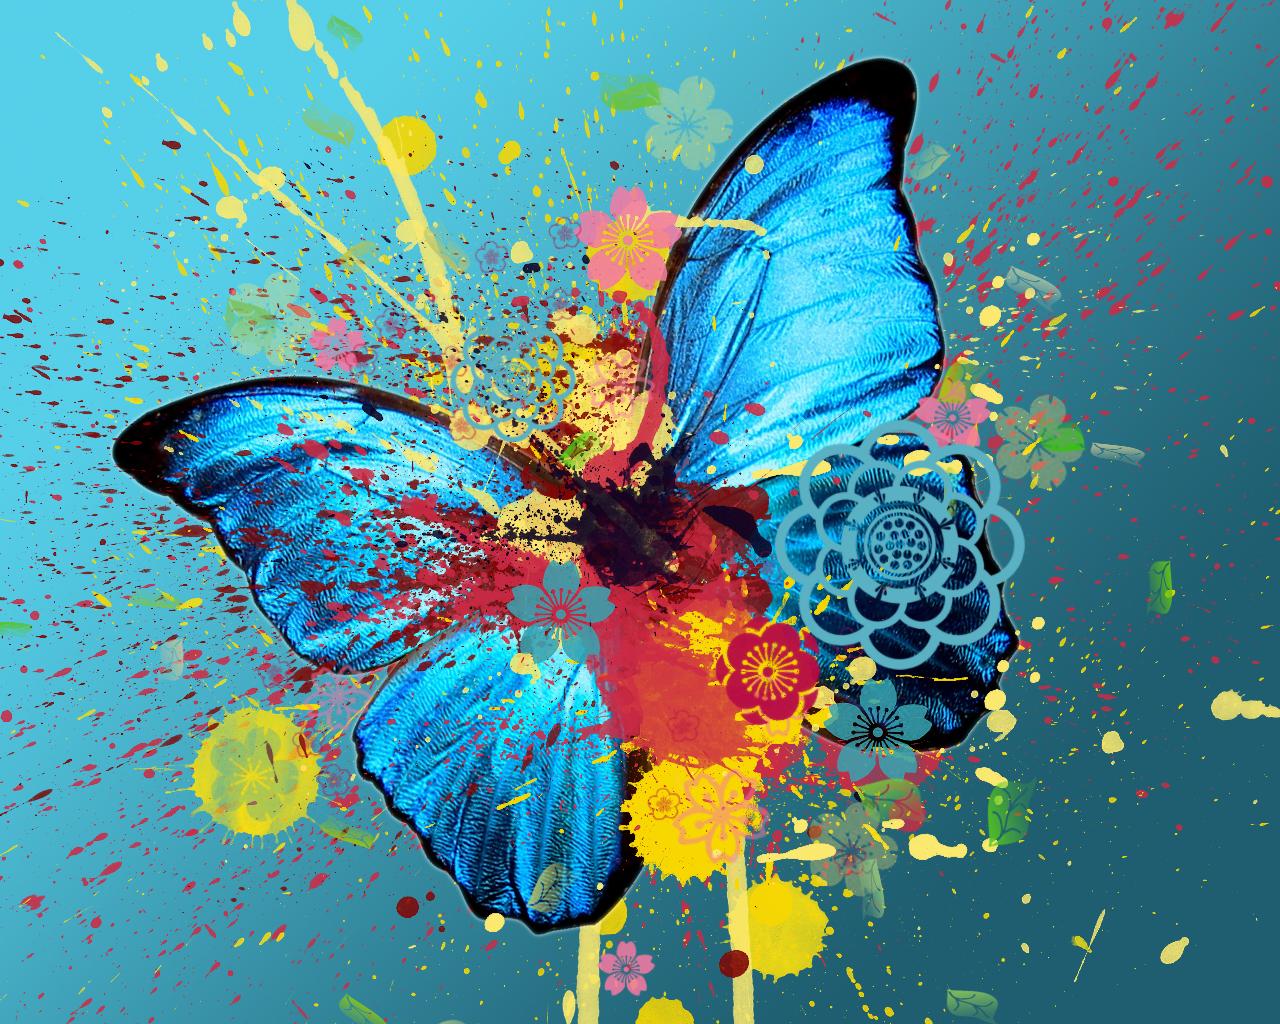 Wallpaper 1440x1280 Px Abstract Love Nature: Wallpaper Desk : Butterfly Wallpaper, Butterflies